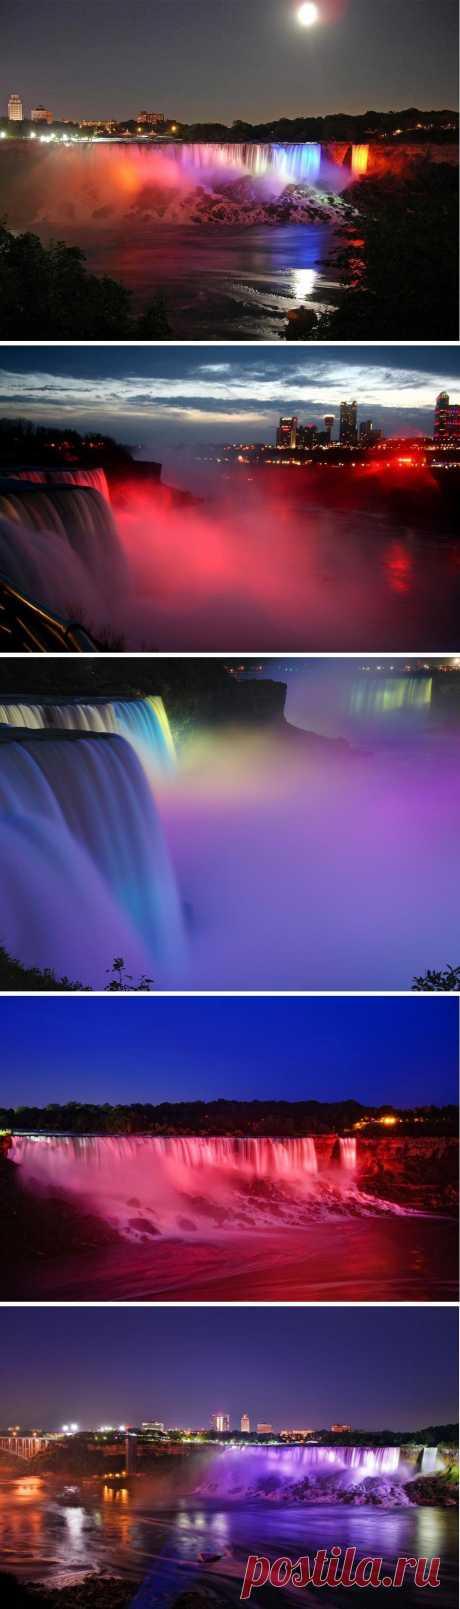 Ниагарский водопад в ярких красках ночной подсветки. Ниагарский Водопад — общее название трех водопадов на реке Ниагара, отделяющей американский штат Нью-Йорк от канадской провинции Онтарио